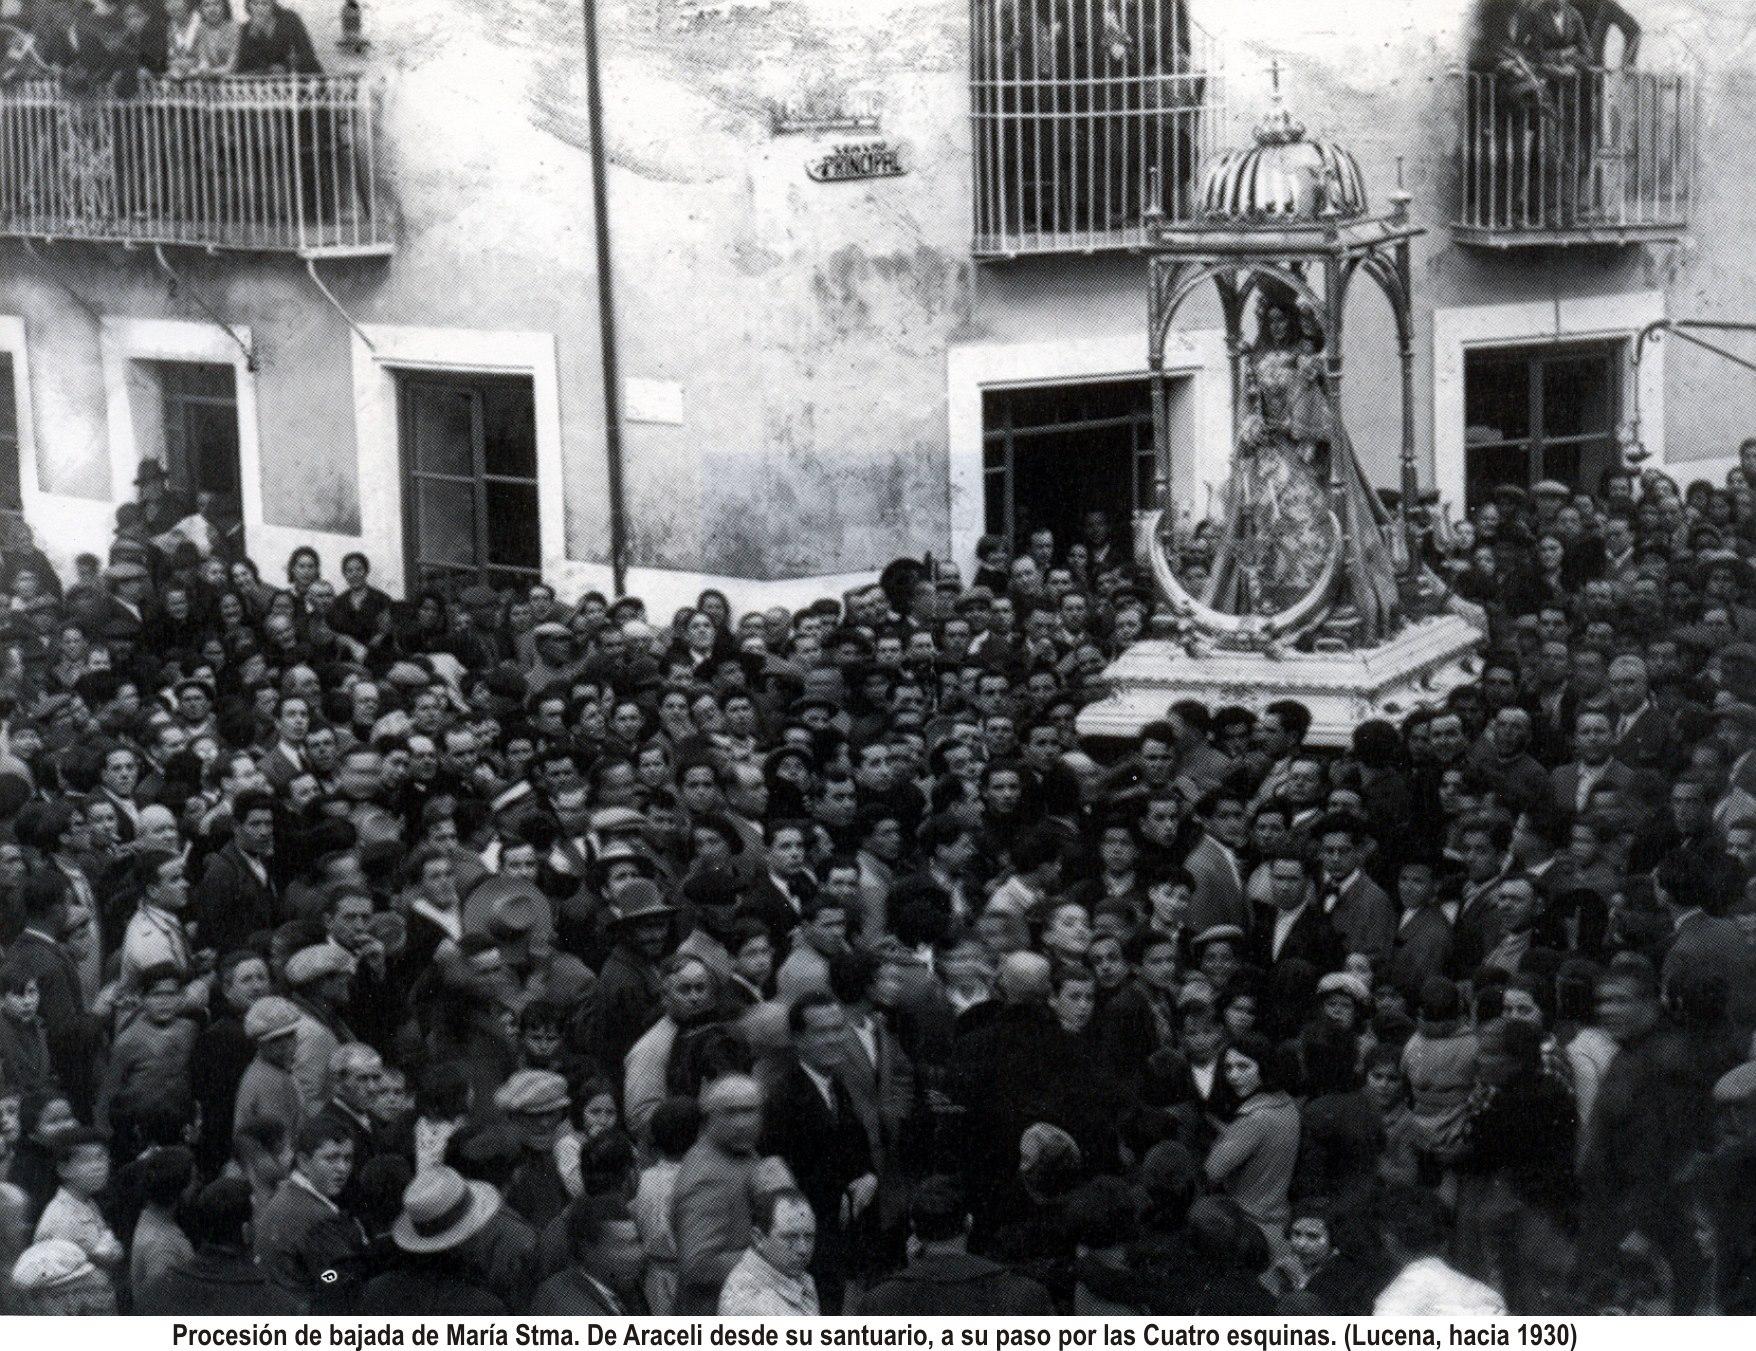 Virgen de Araceli. Cuatro esquinas. 1930